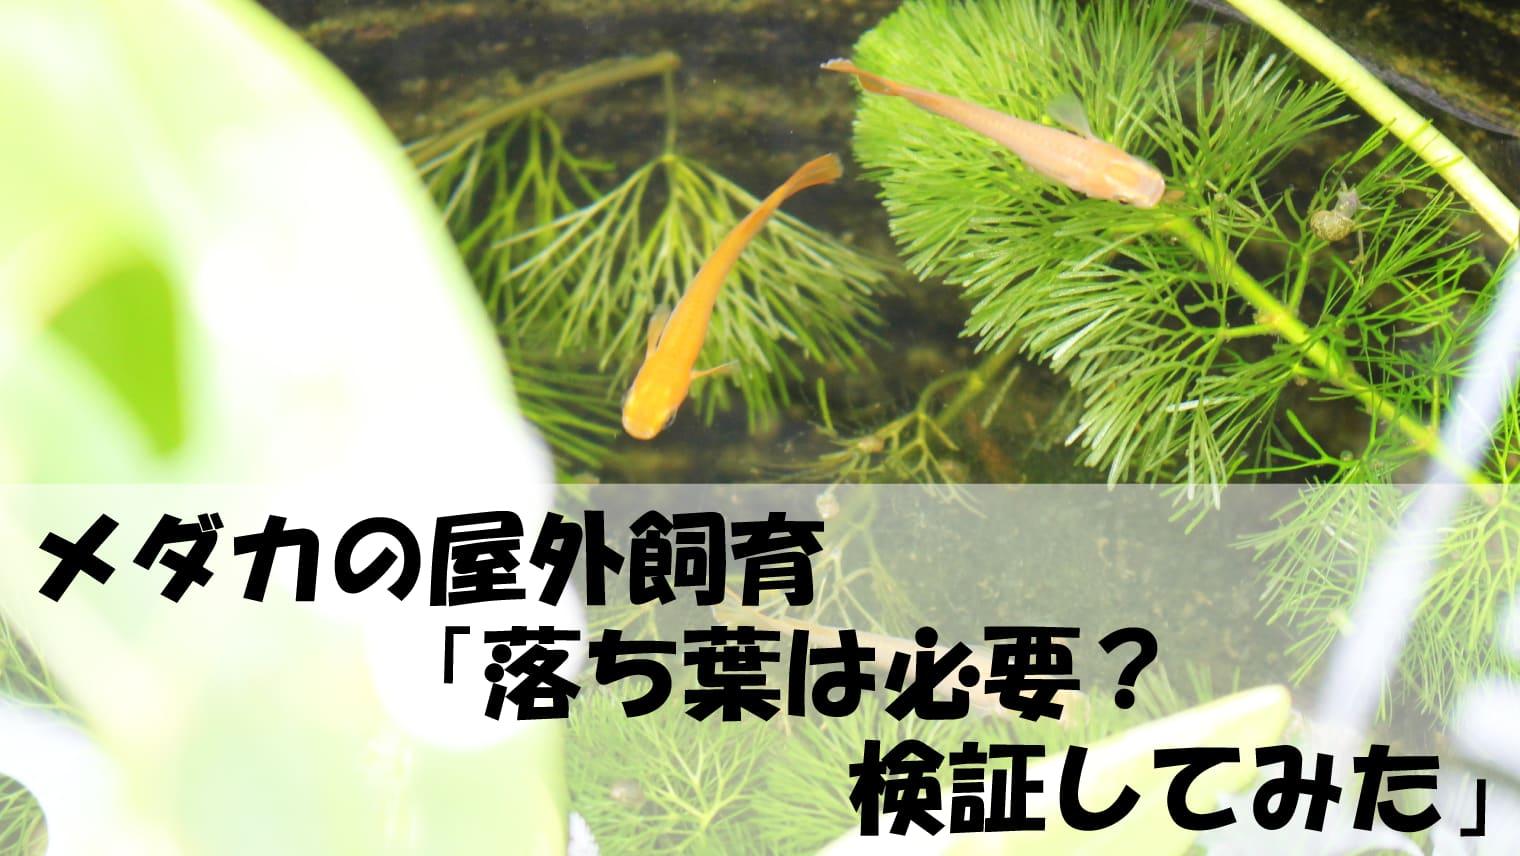 メダカの屋外飼育「落ち葉は必要か?」